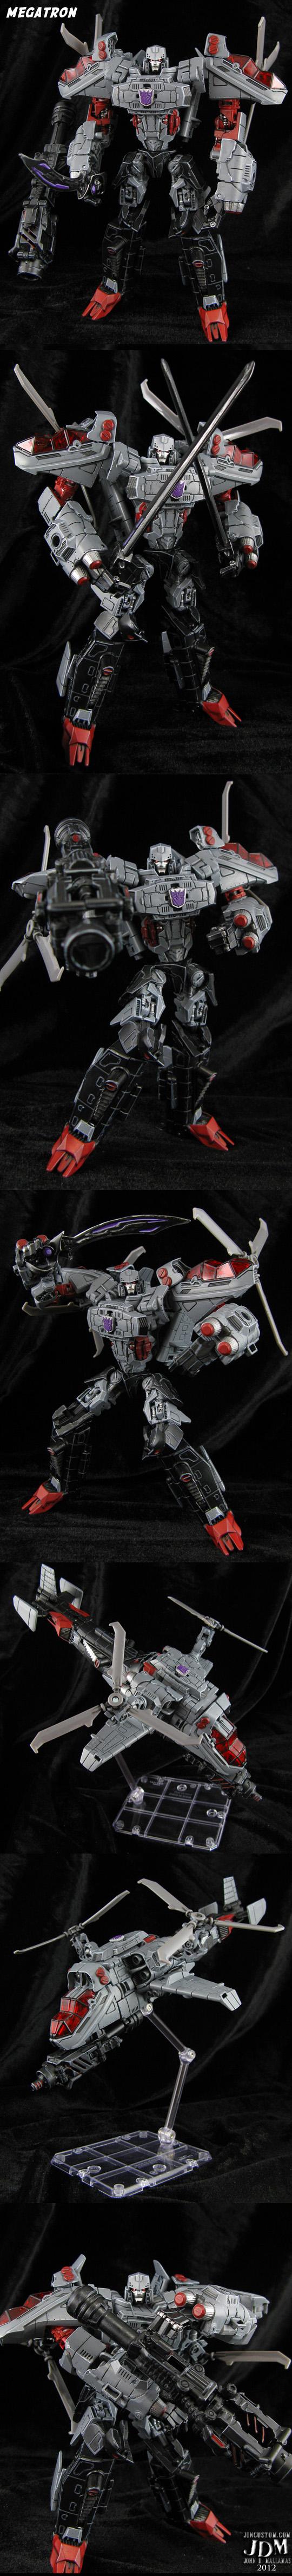 Custom Megatron Figure